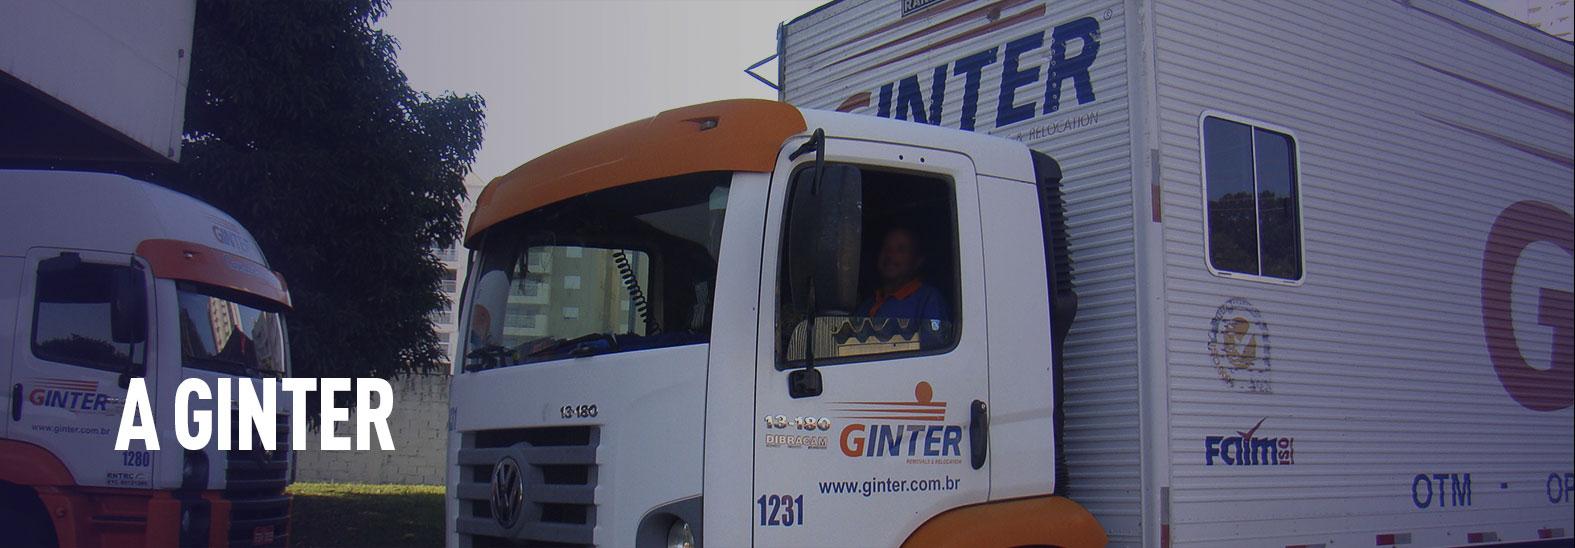 G-Inter